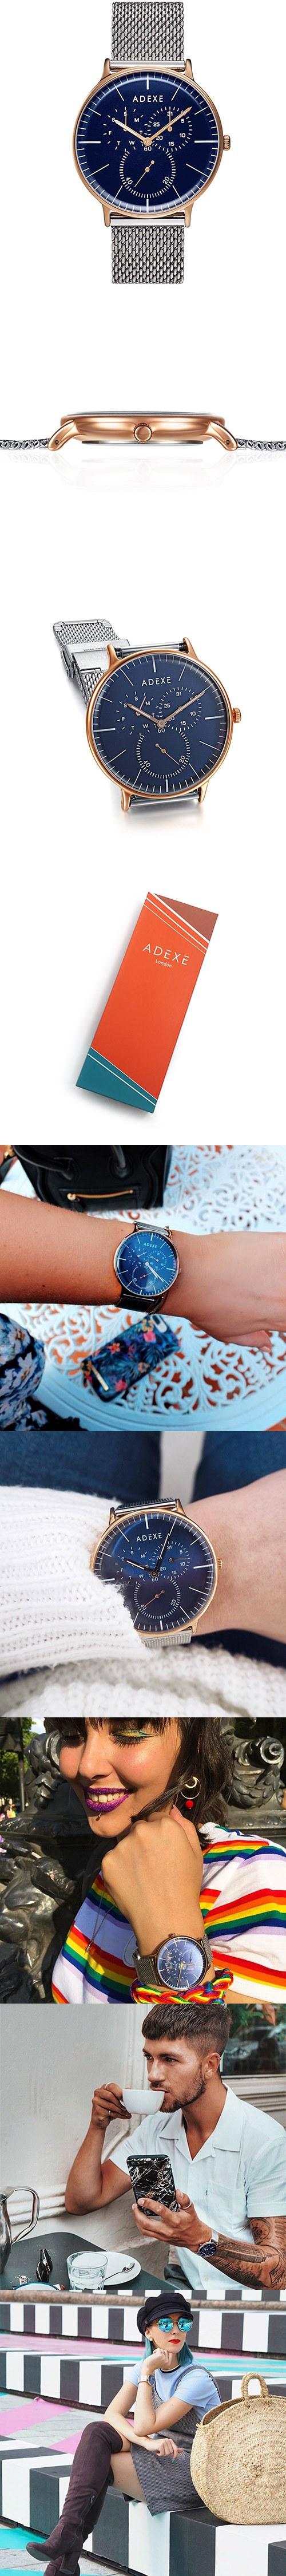 (複製)ADEXE|英國時尚手錶 MAC日期顯示系列 白錶盤x金錶框米蘭錶帶32.5mm 2043B-06